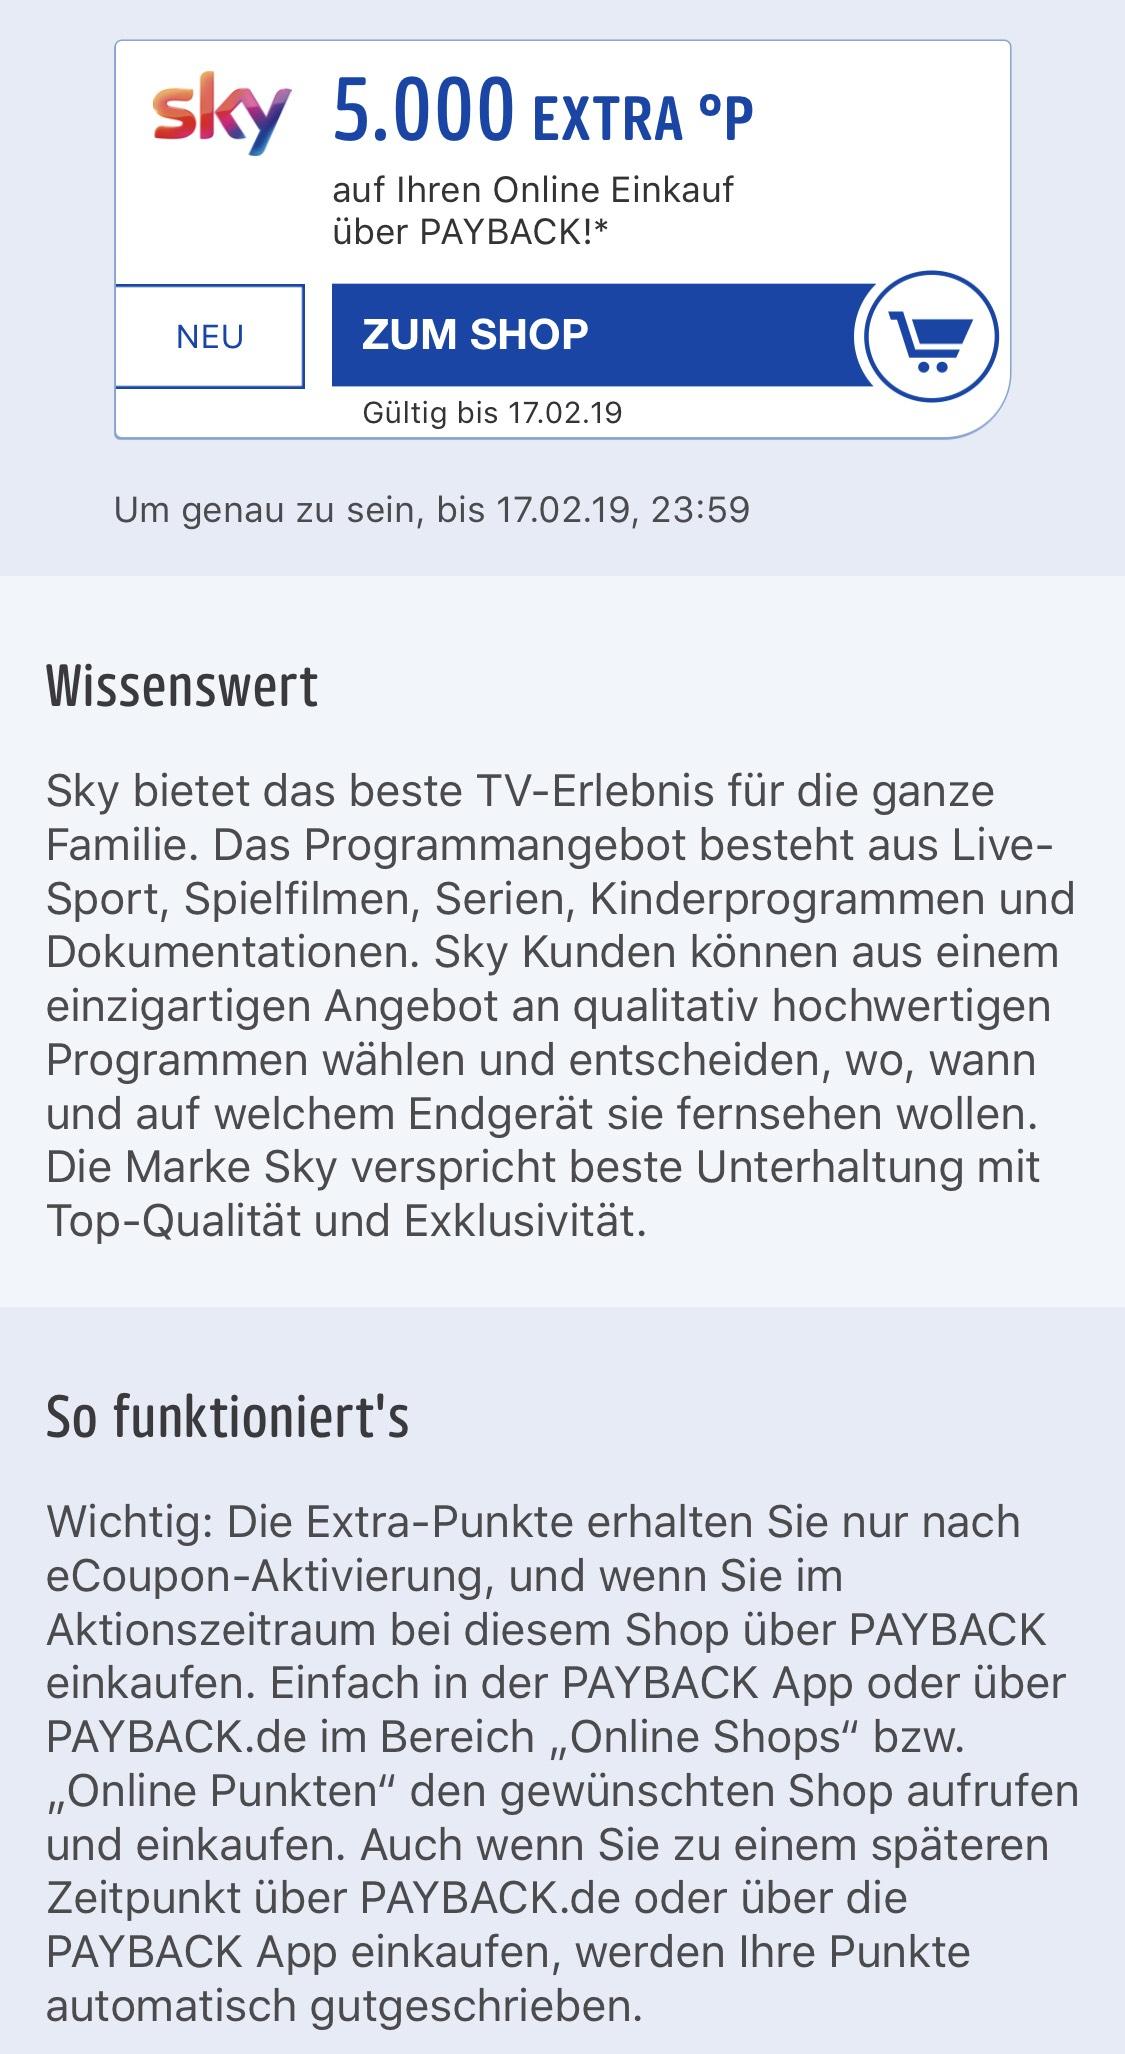 Wikipedia Rechtslage